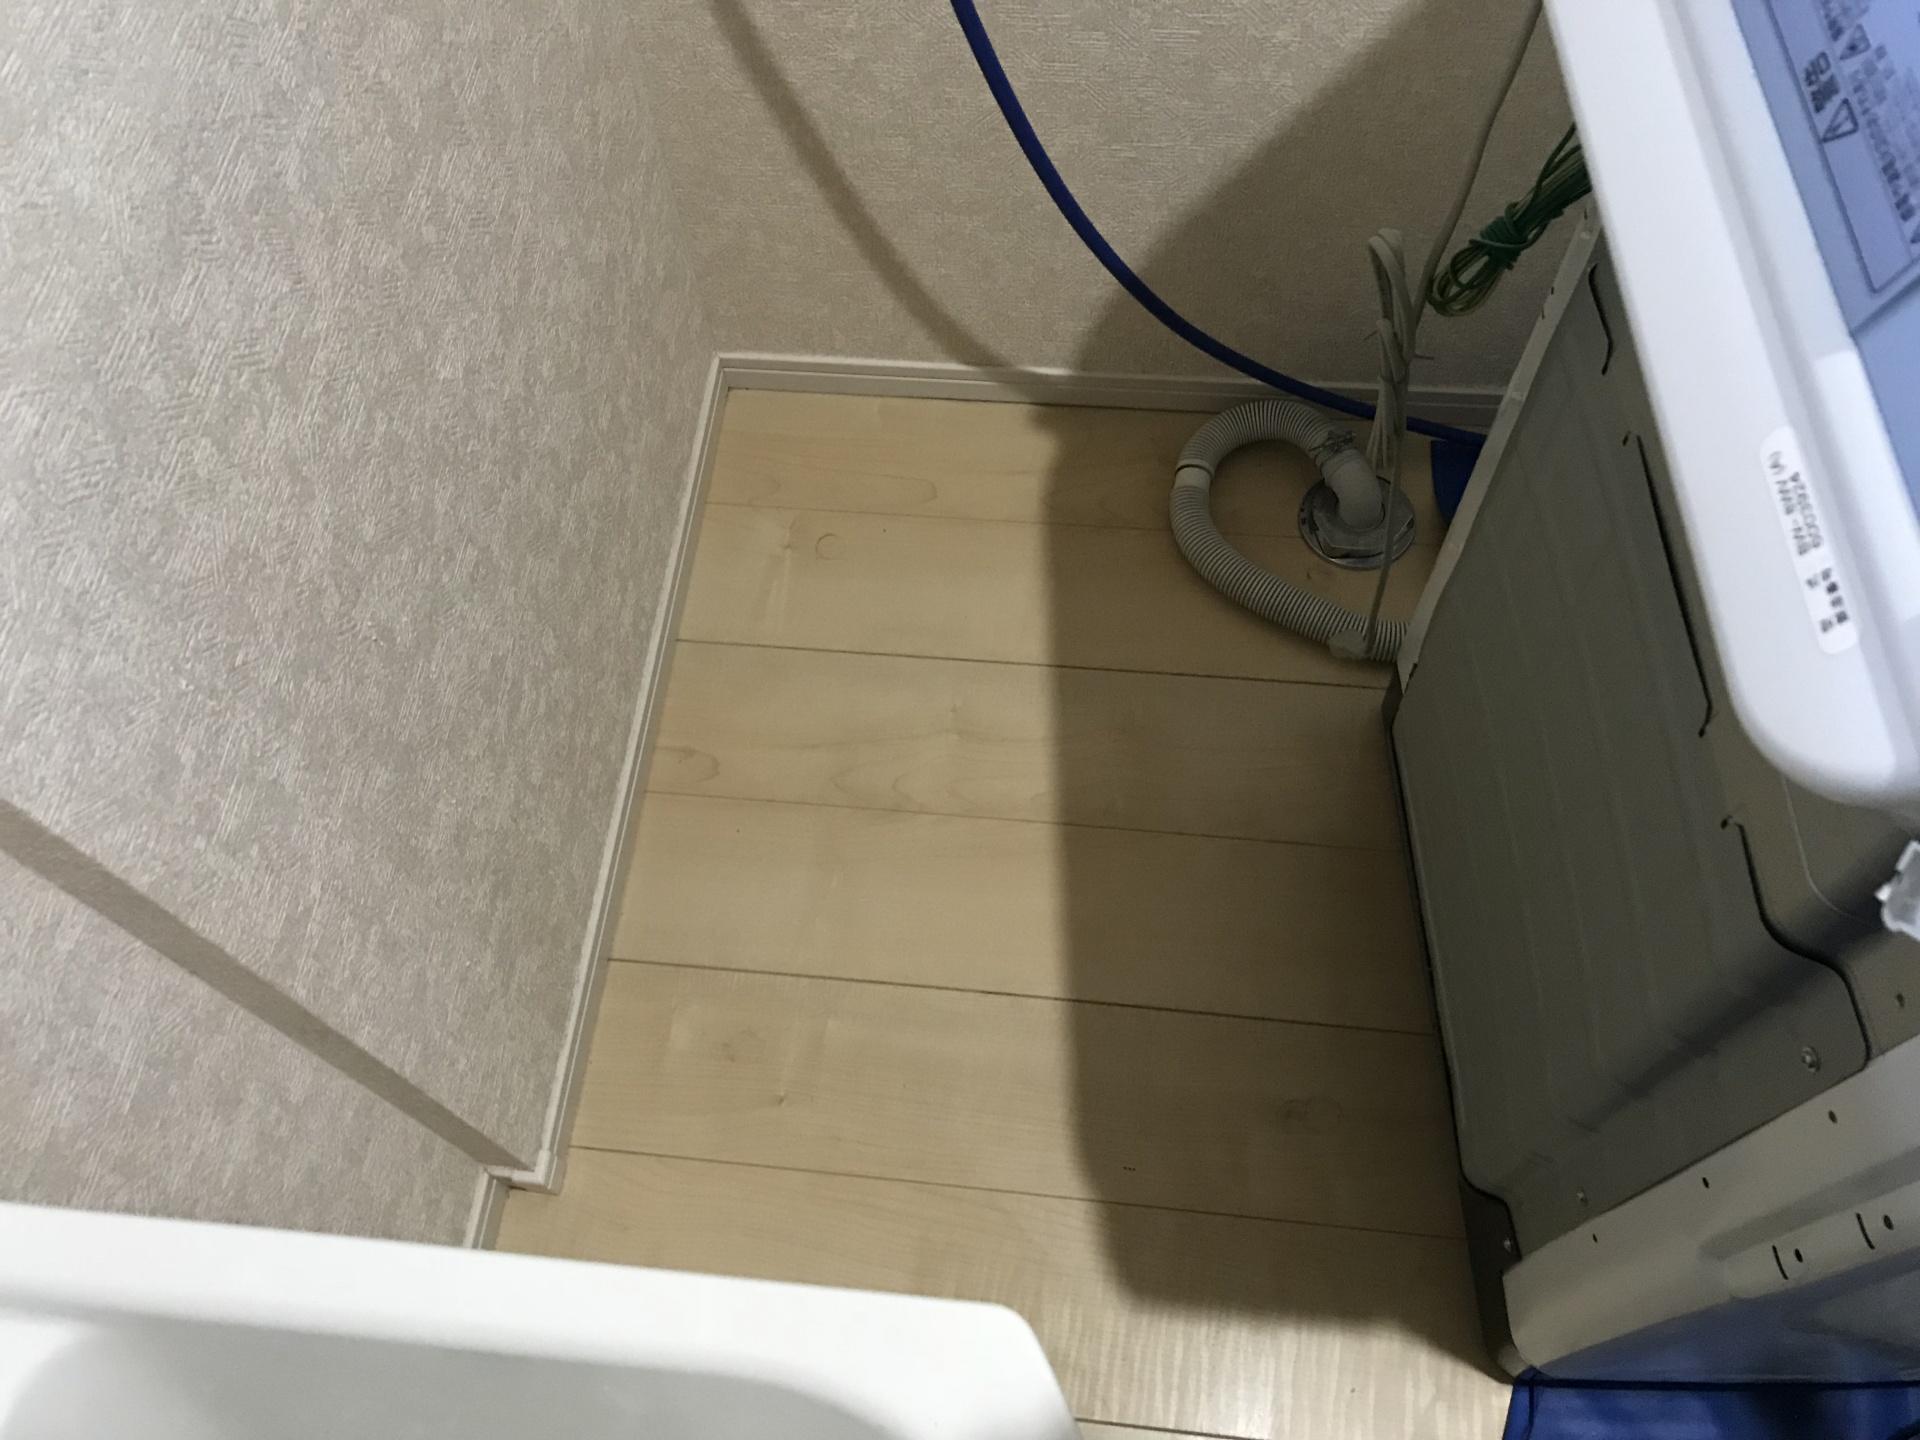 洗濯機が置いてあった床部分も忘れずおそうじ